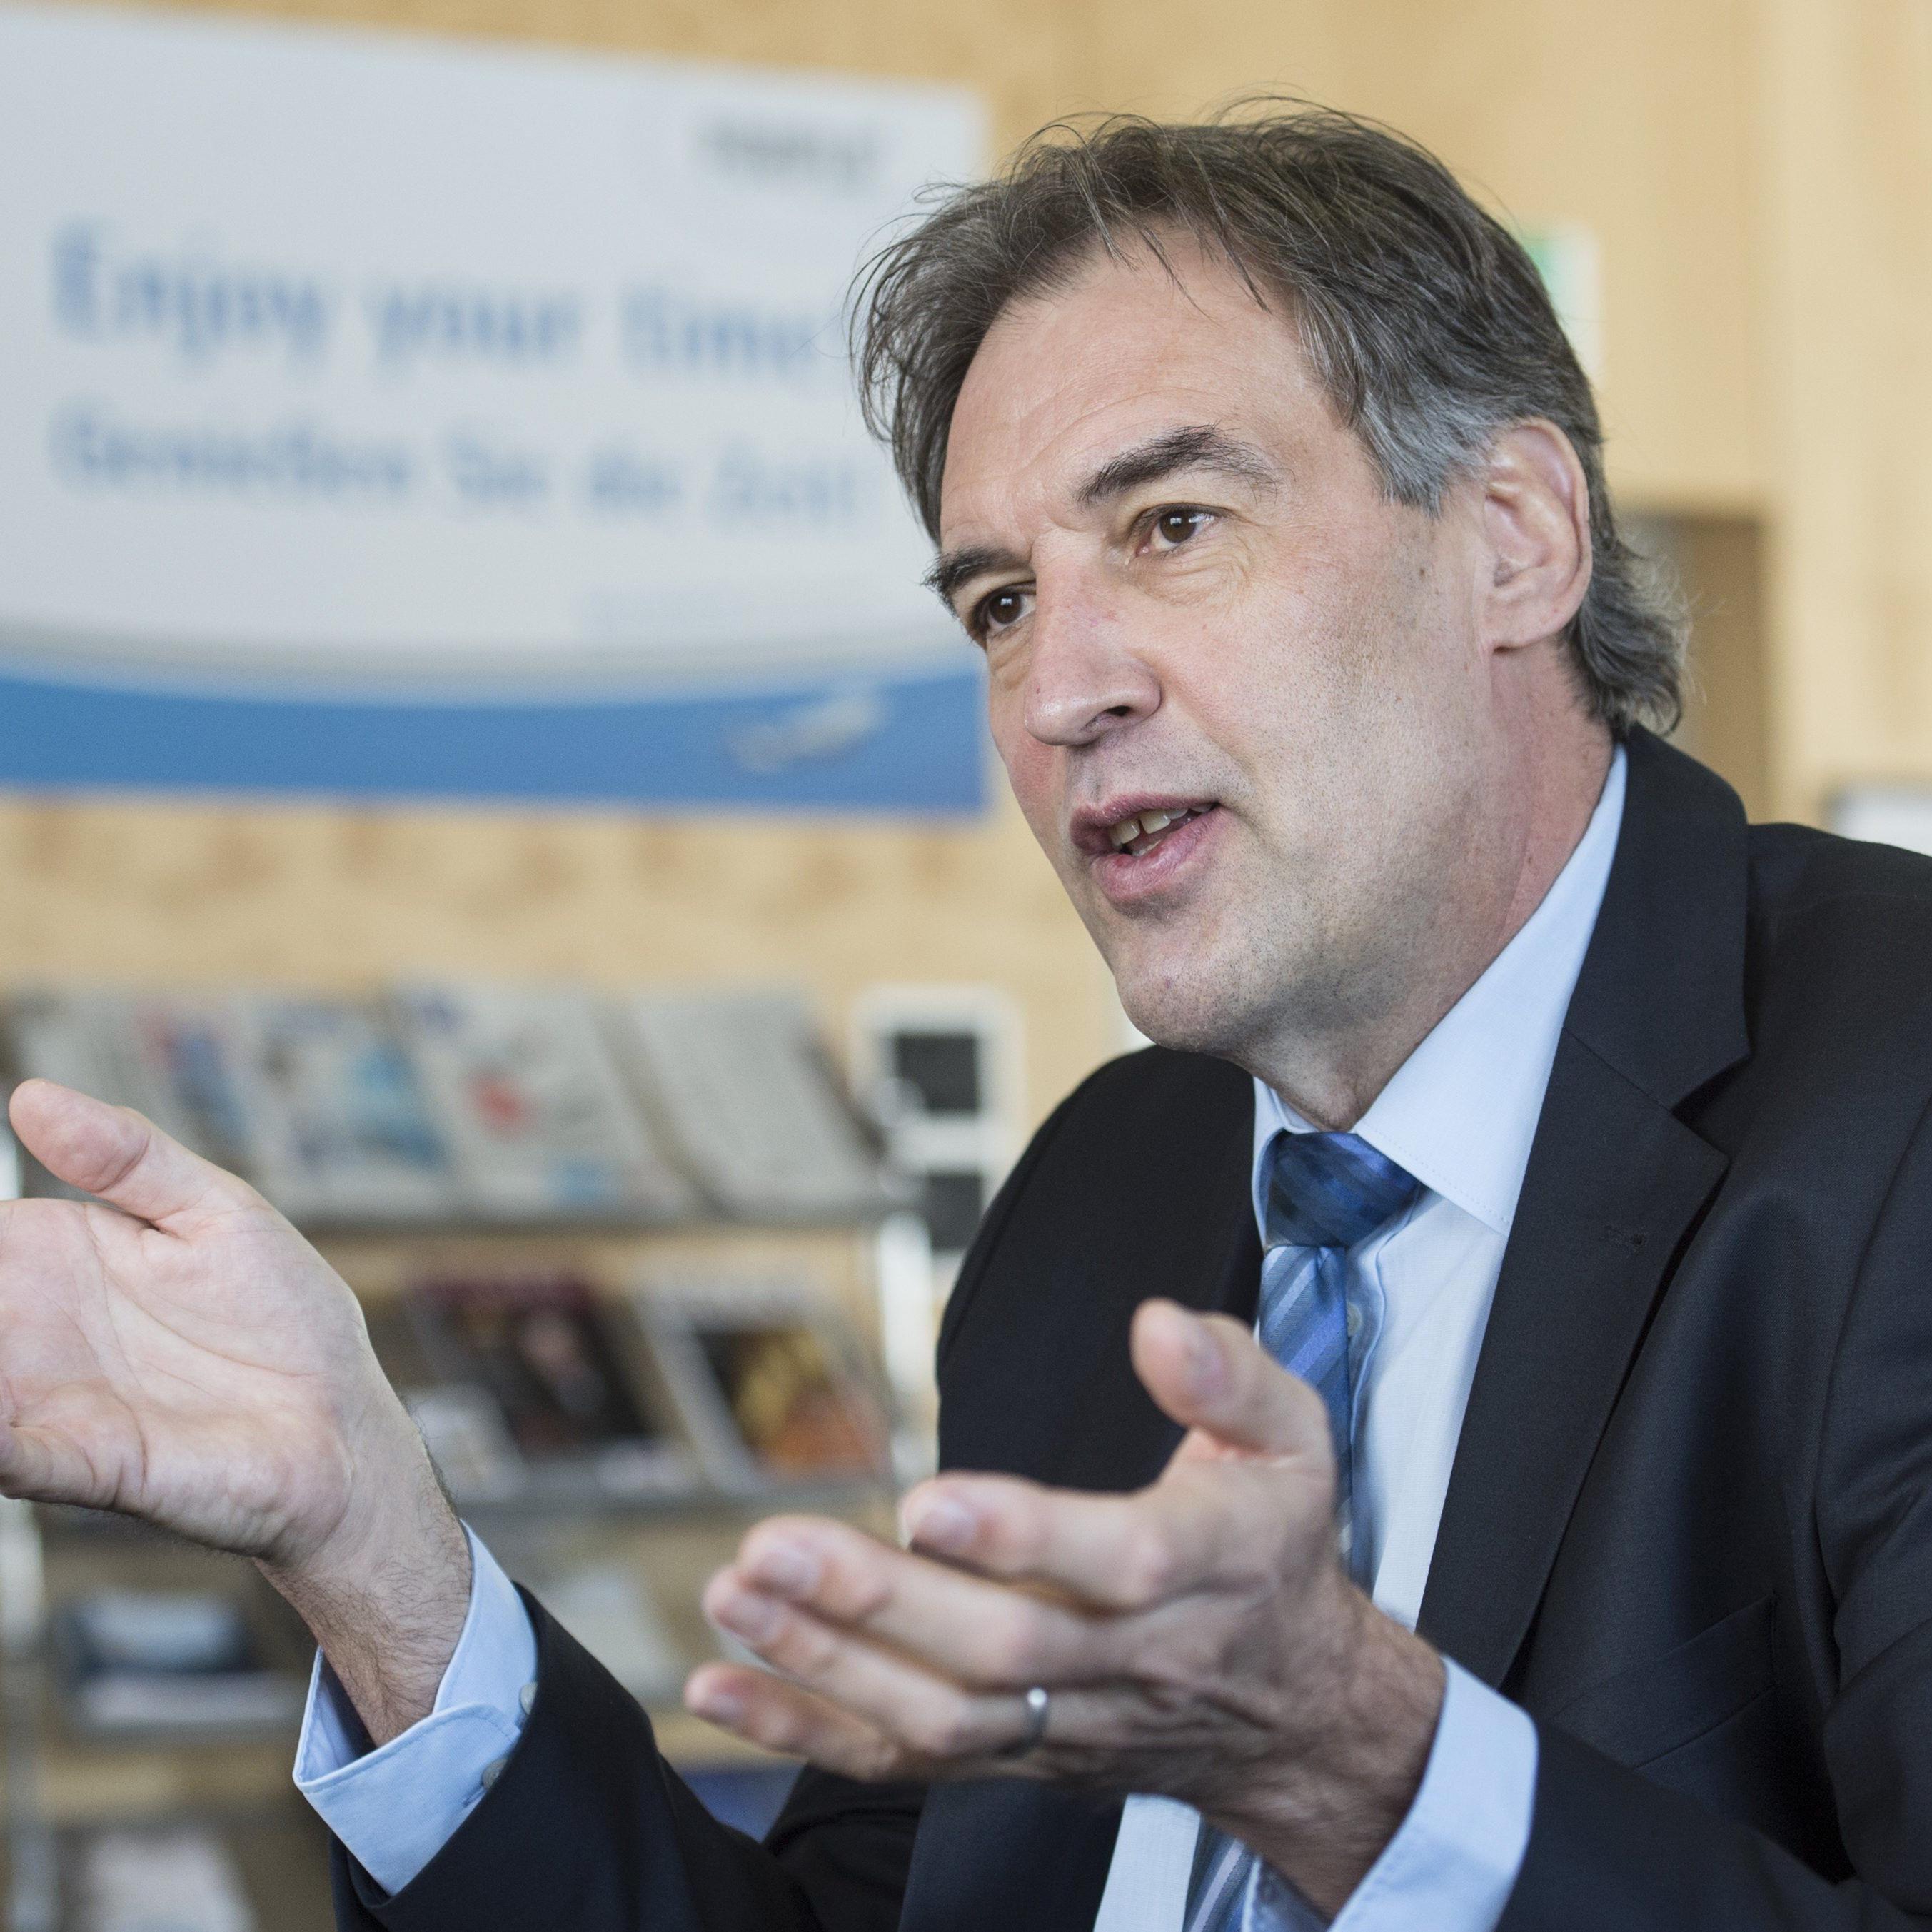 Der bisherige CEO des Flughafens St. Gallen-Altenrhein und der People's Viennaline, Armin Unternährer.